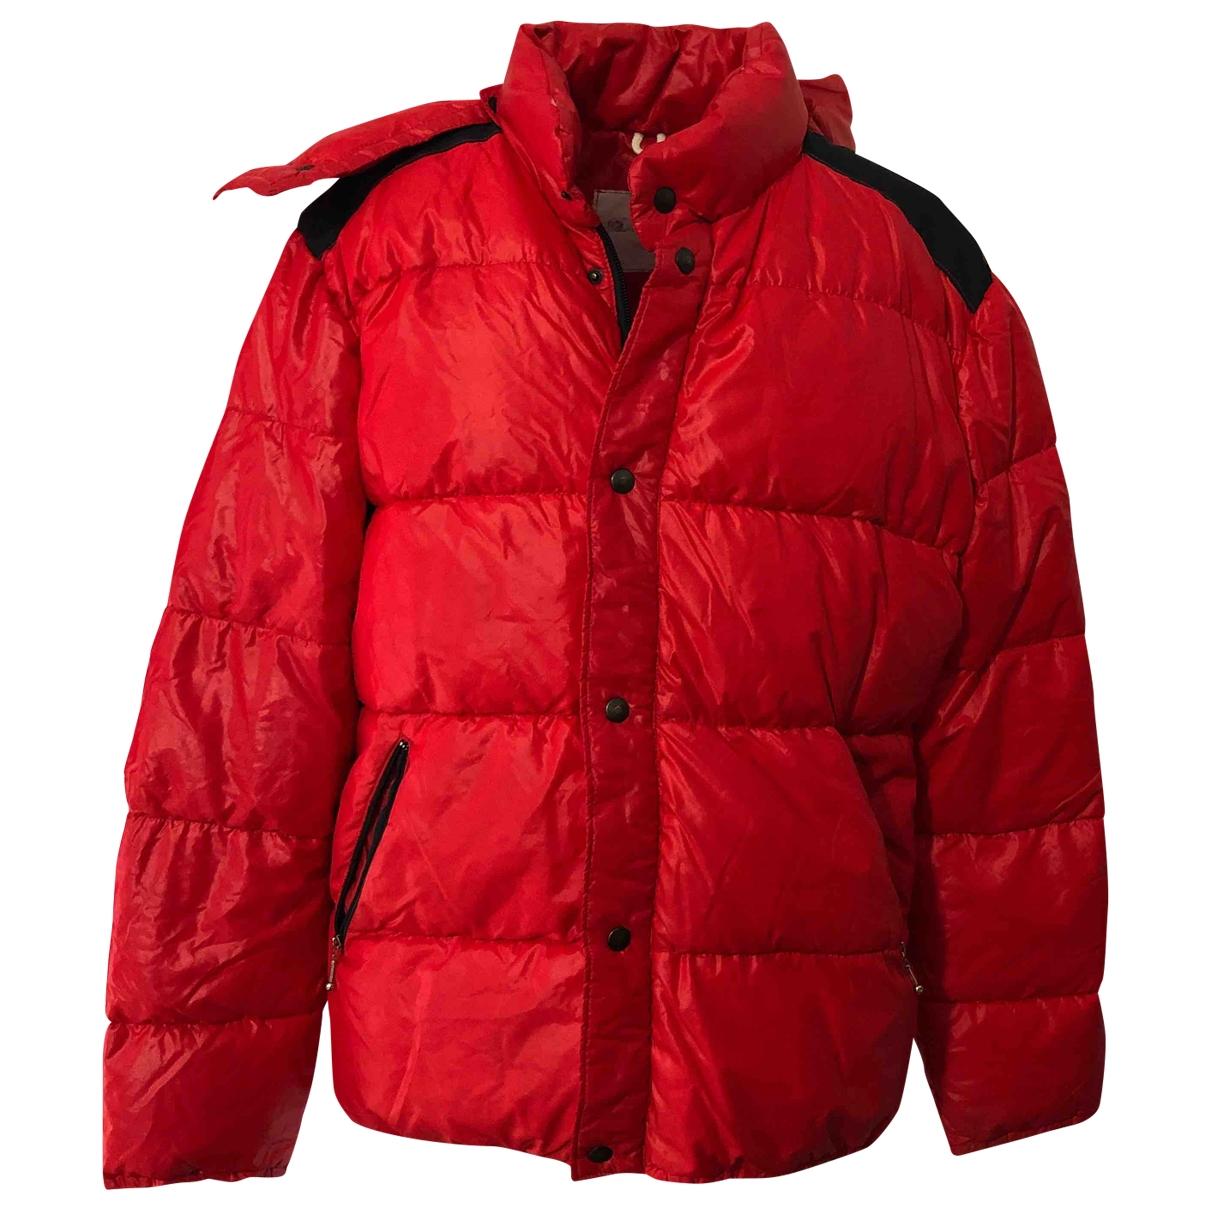 Champion - Manteau   pour homme - rouge